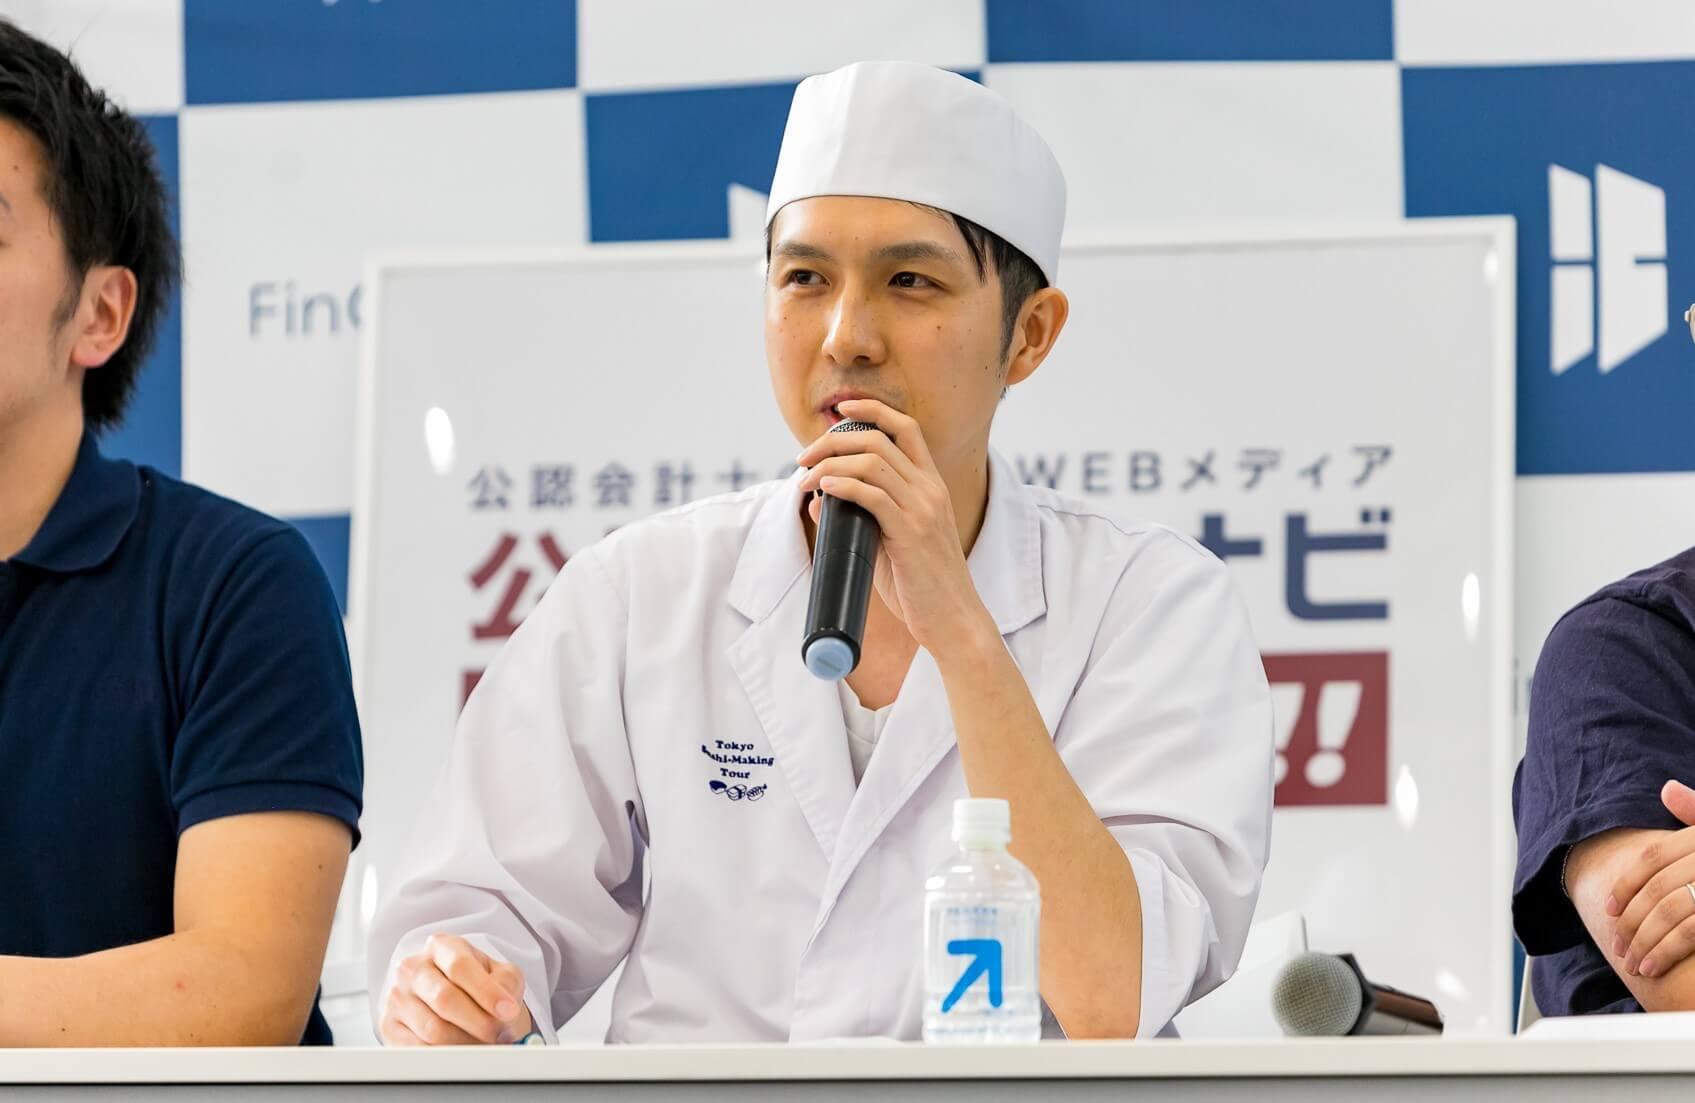 森下 直也 Tokyo Sushi-Making Tour 代表 監査法人タカノ 代表社員 公認会計士